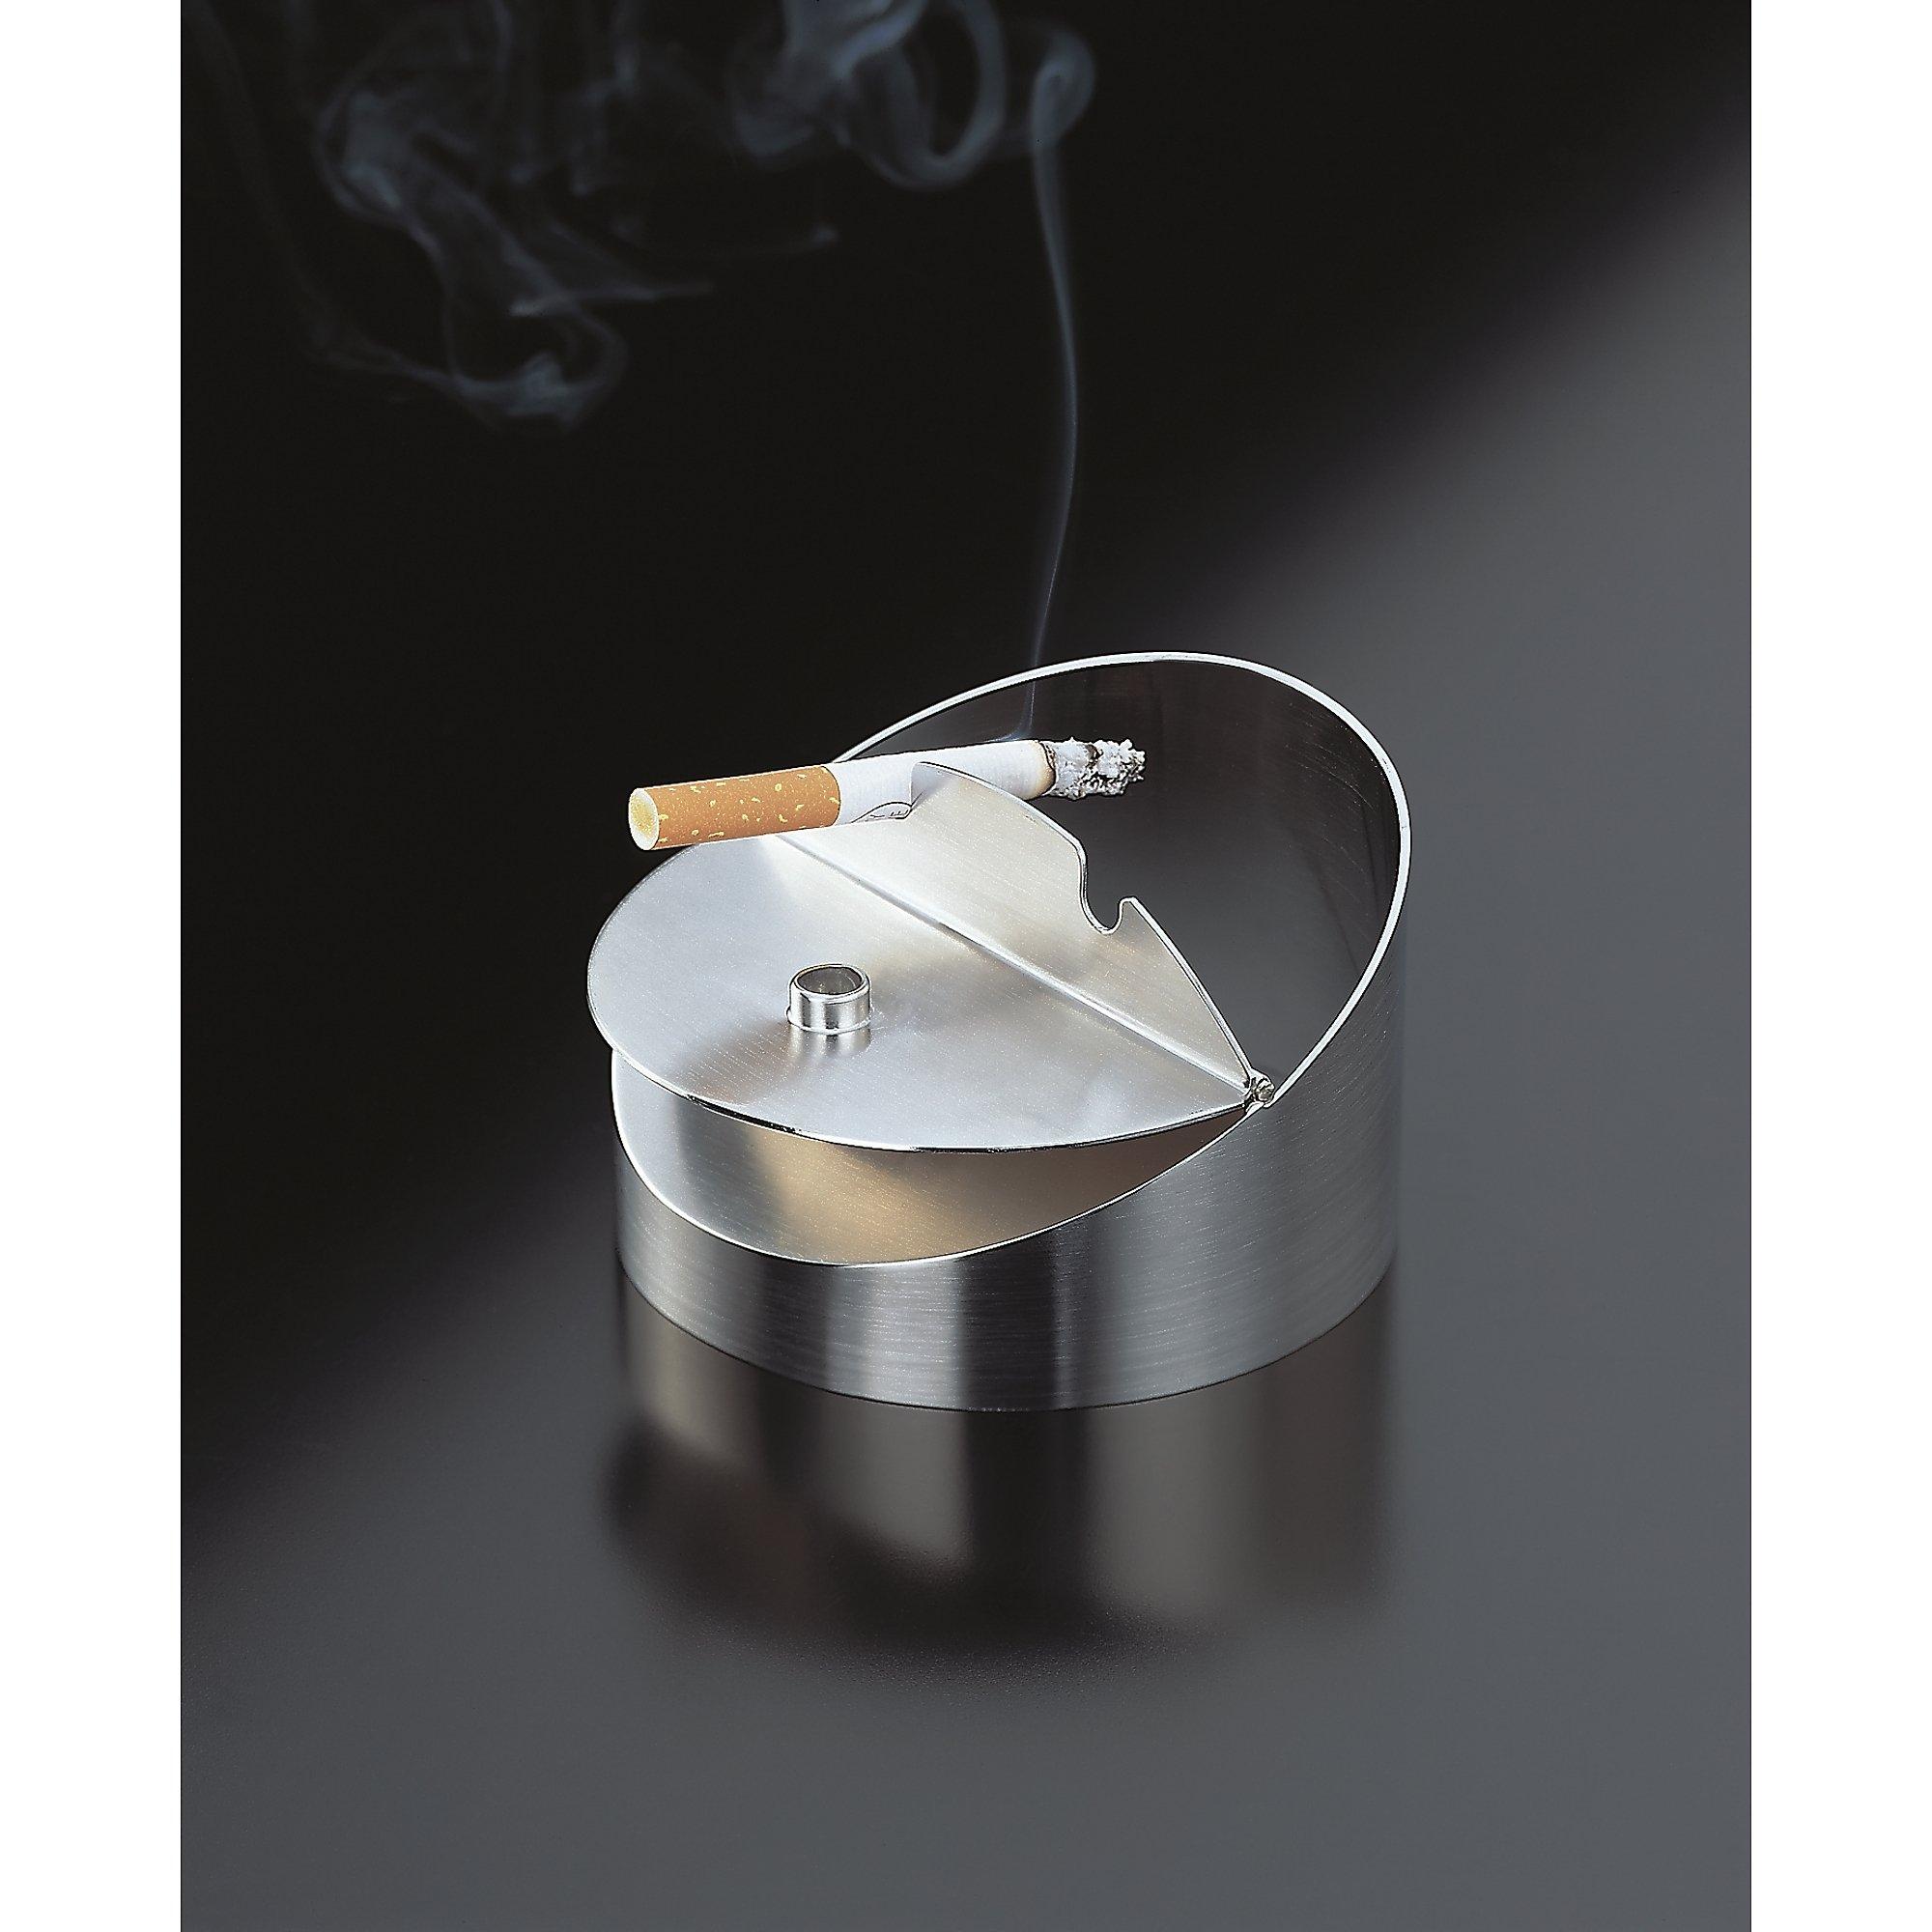 auerhahn 24 3012 0653 a design aschenbecher in. Black Bedroom Furniture Sets. Home Design Ideas